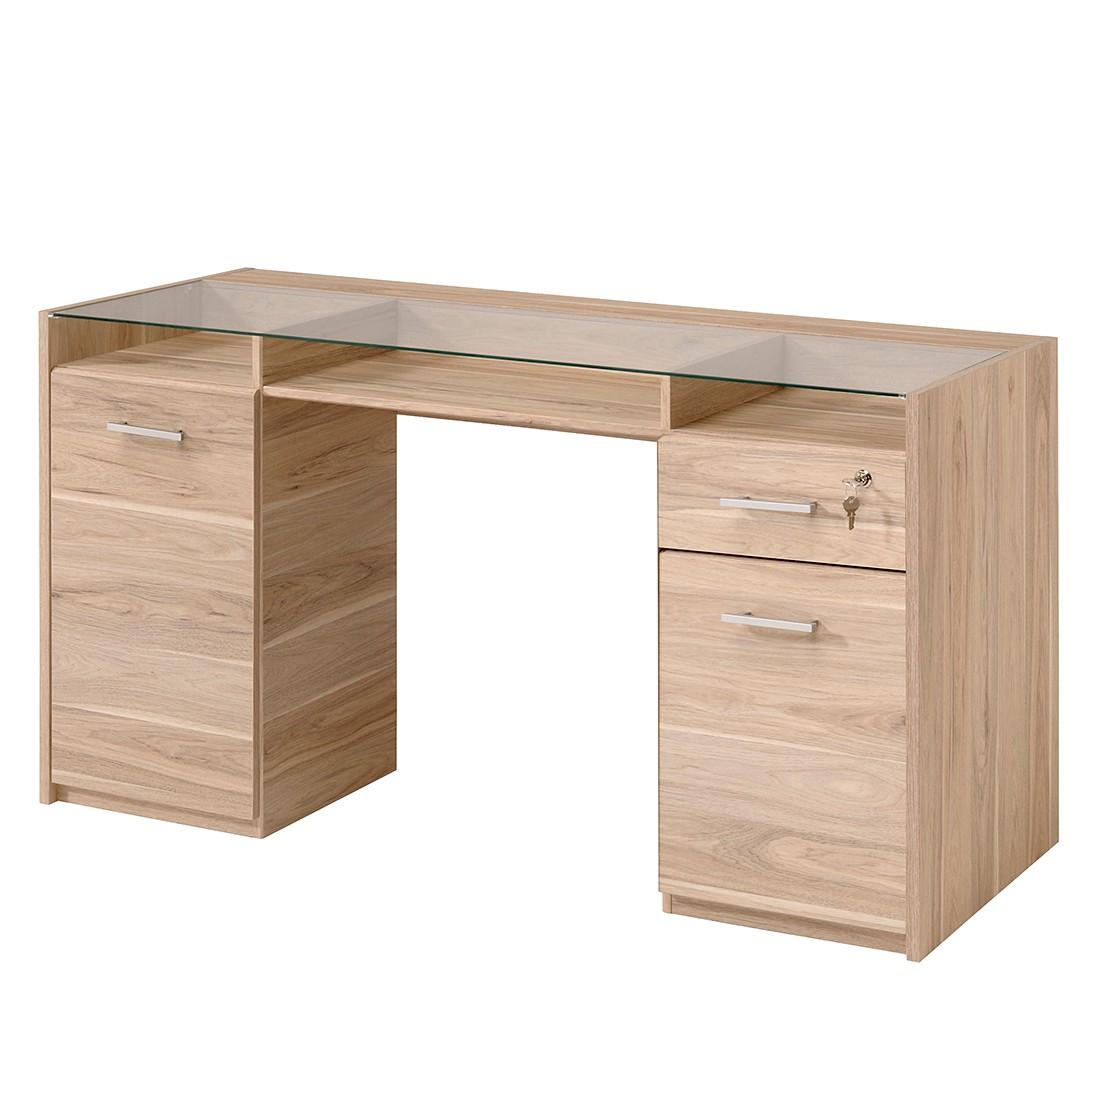 Image bureau sophia dakota eikenhouten look parisot meubles for Meubles bureau 24